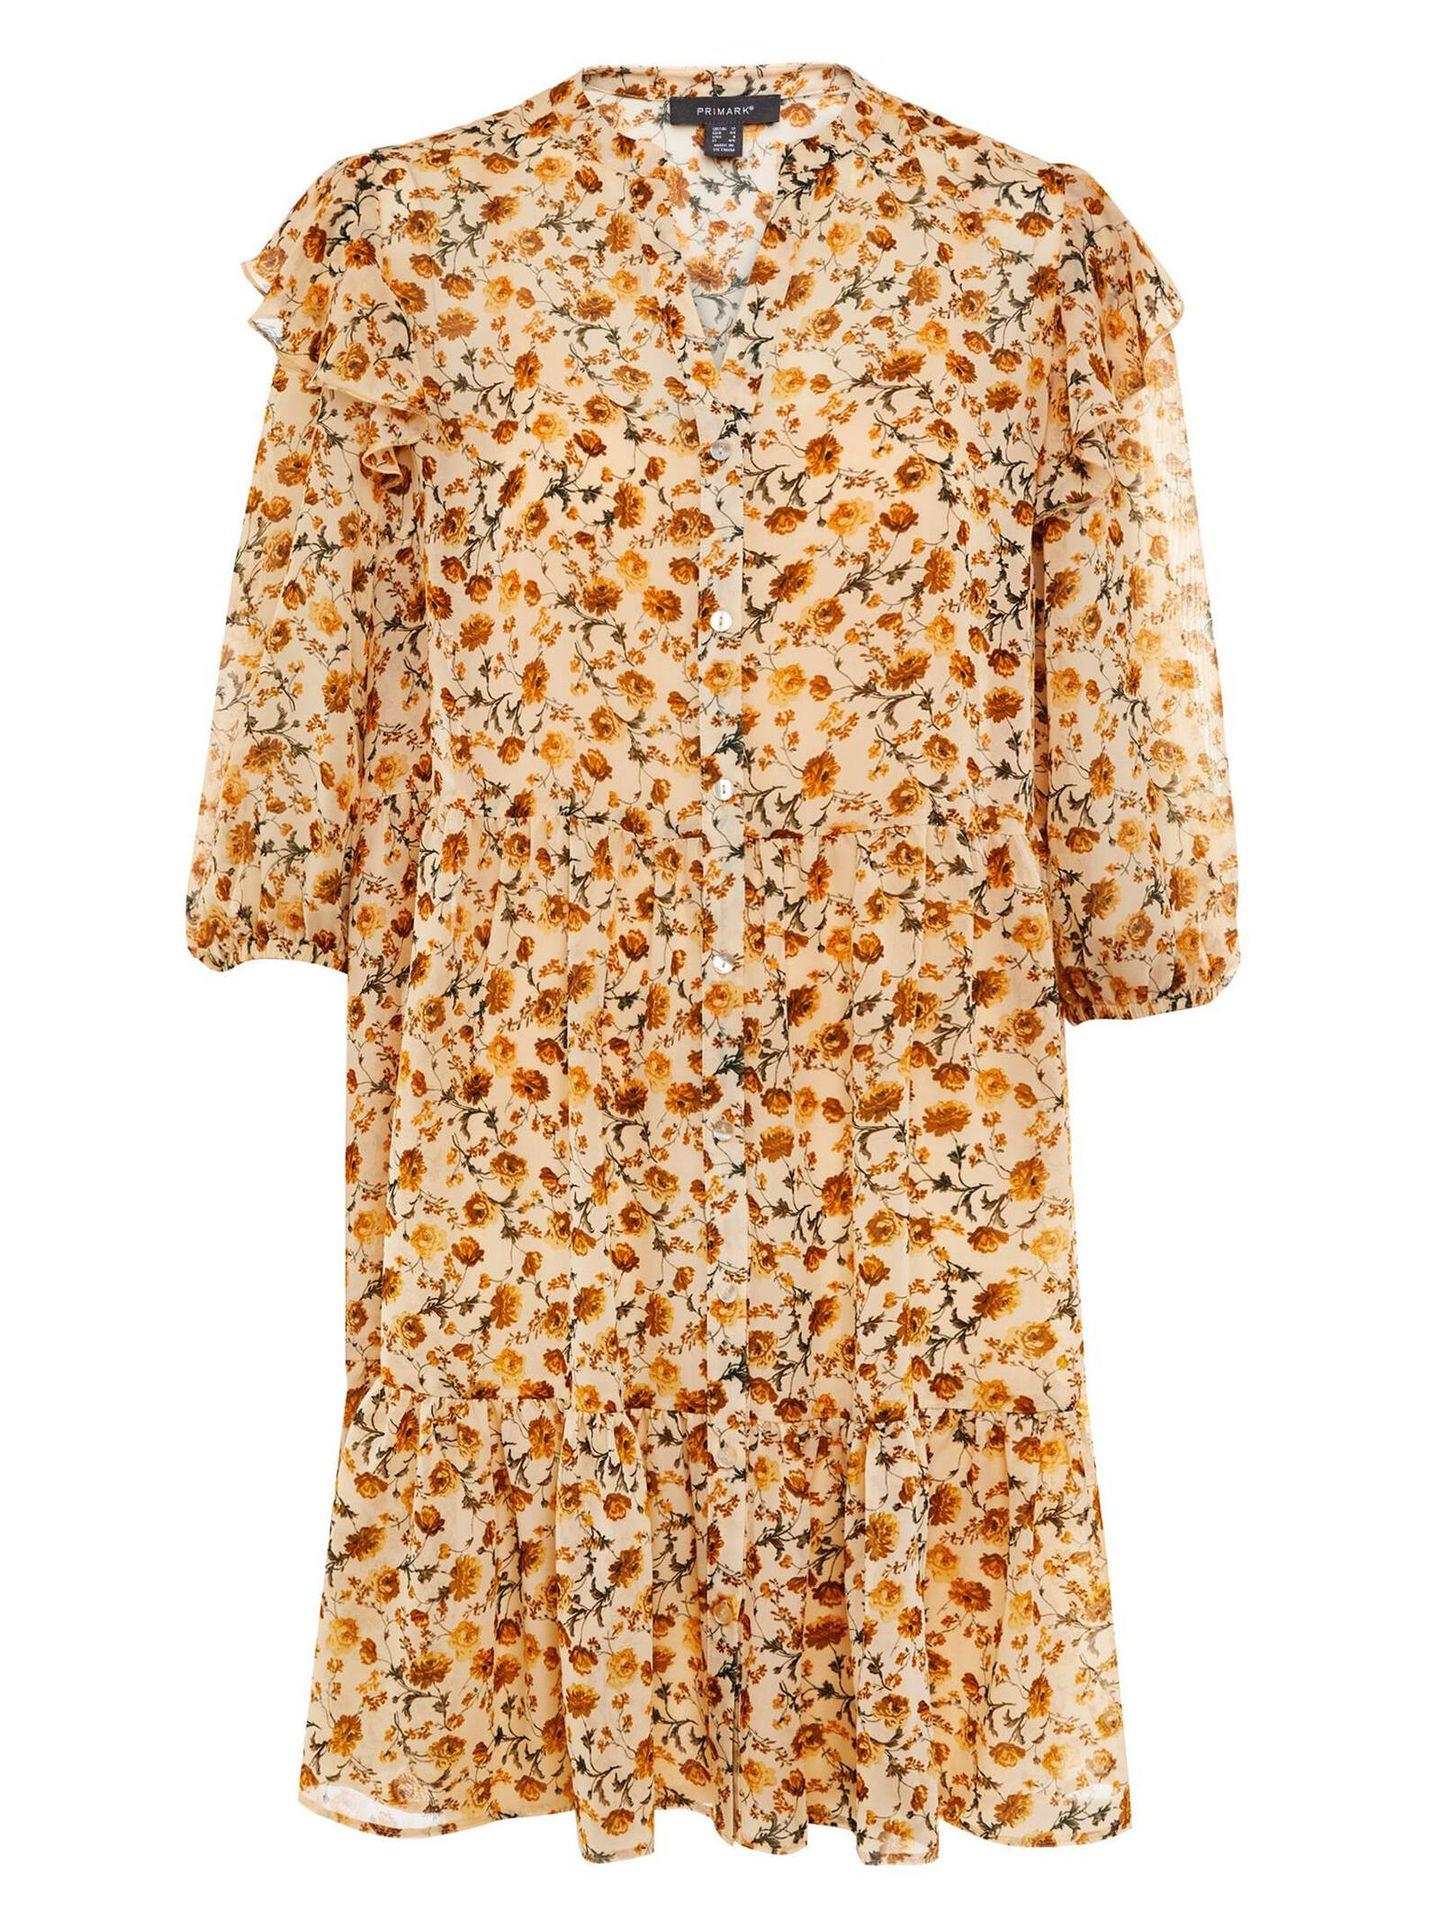 Uno de los vestidos de flores que Primark tiene en su catálogo perfectos para el entretiempo. (Cortesía)